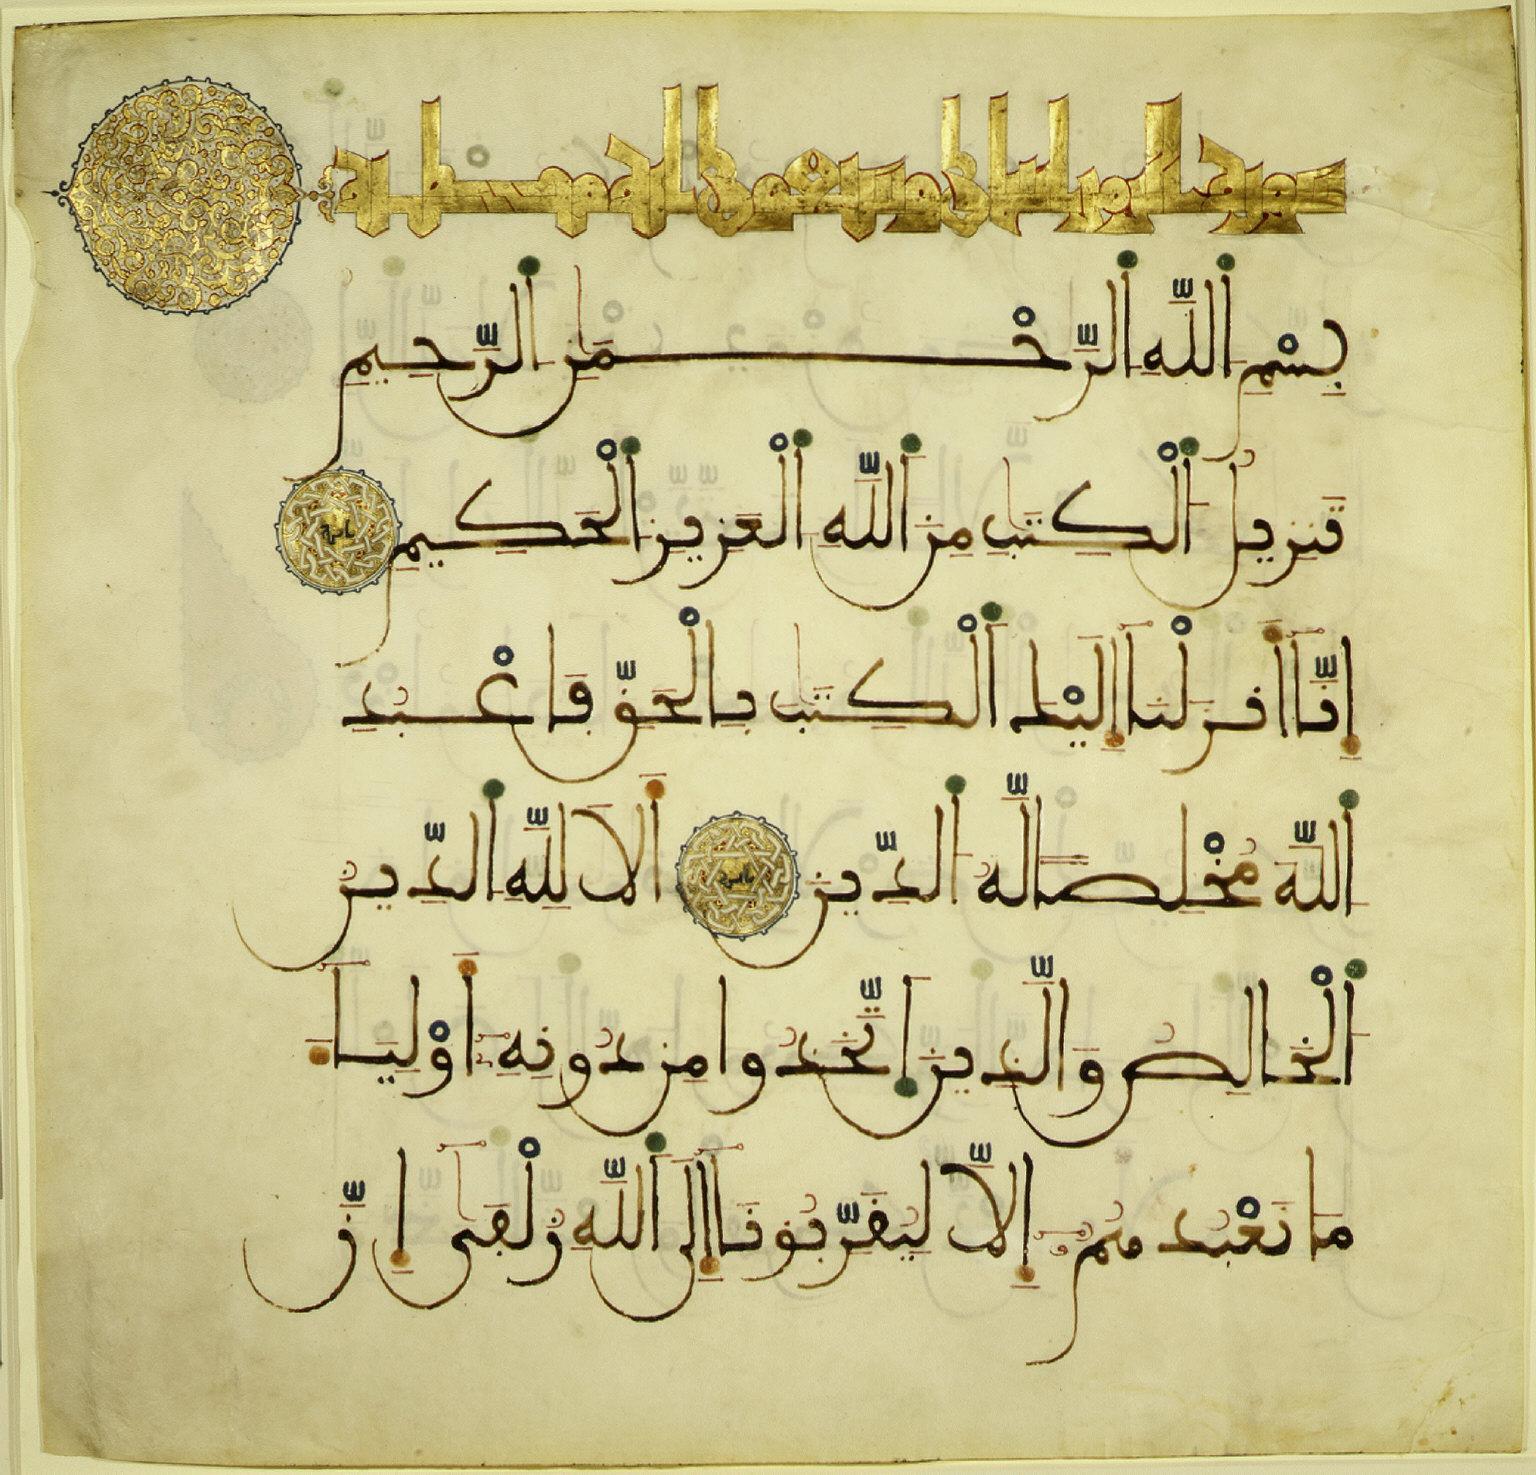 Leaf from a Qur'an manuscript